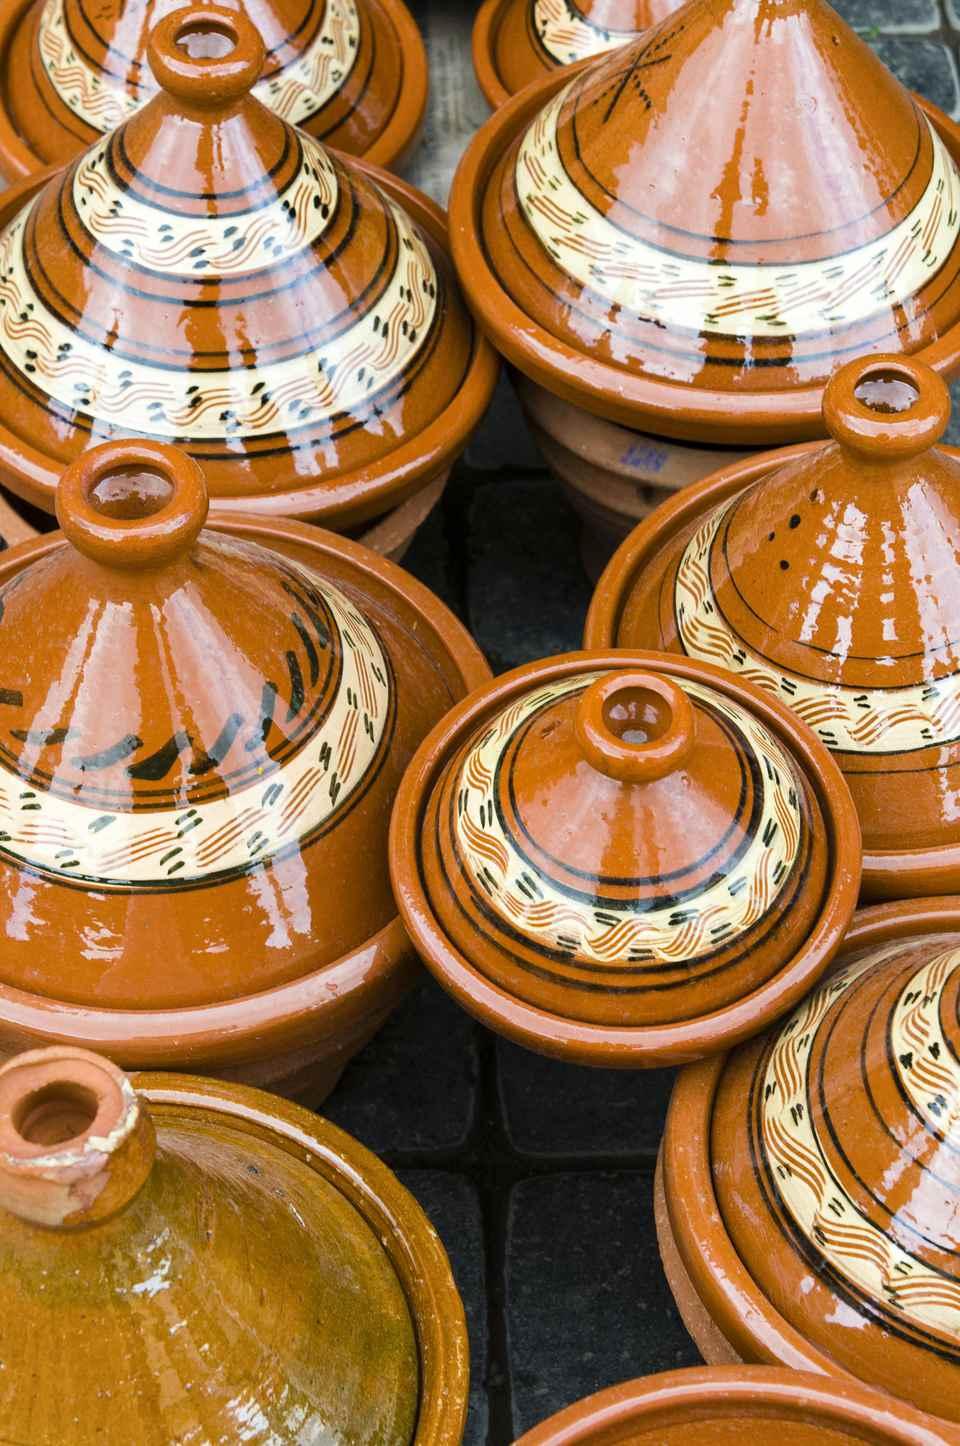 Pottery for Tajine for sale in souk, Marrakech, Morocco